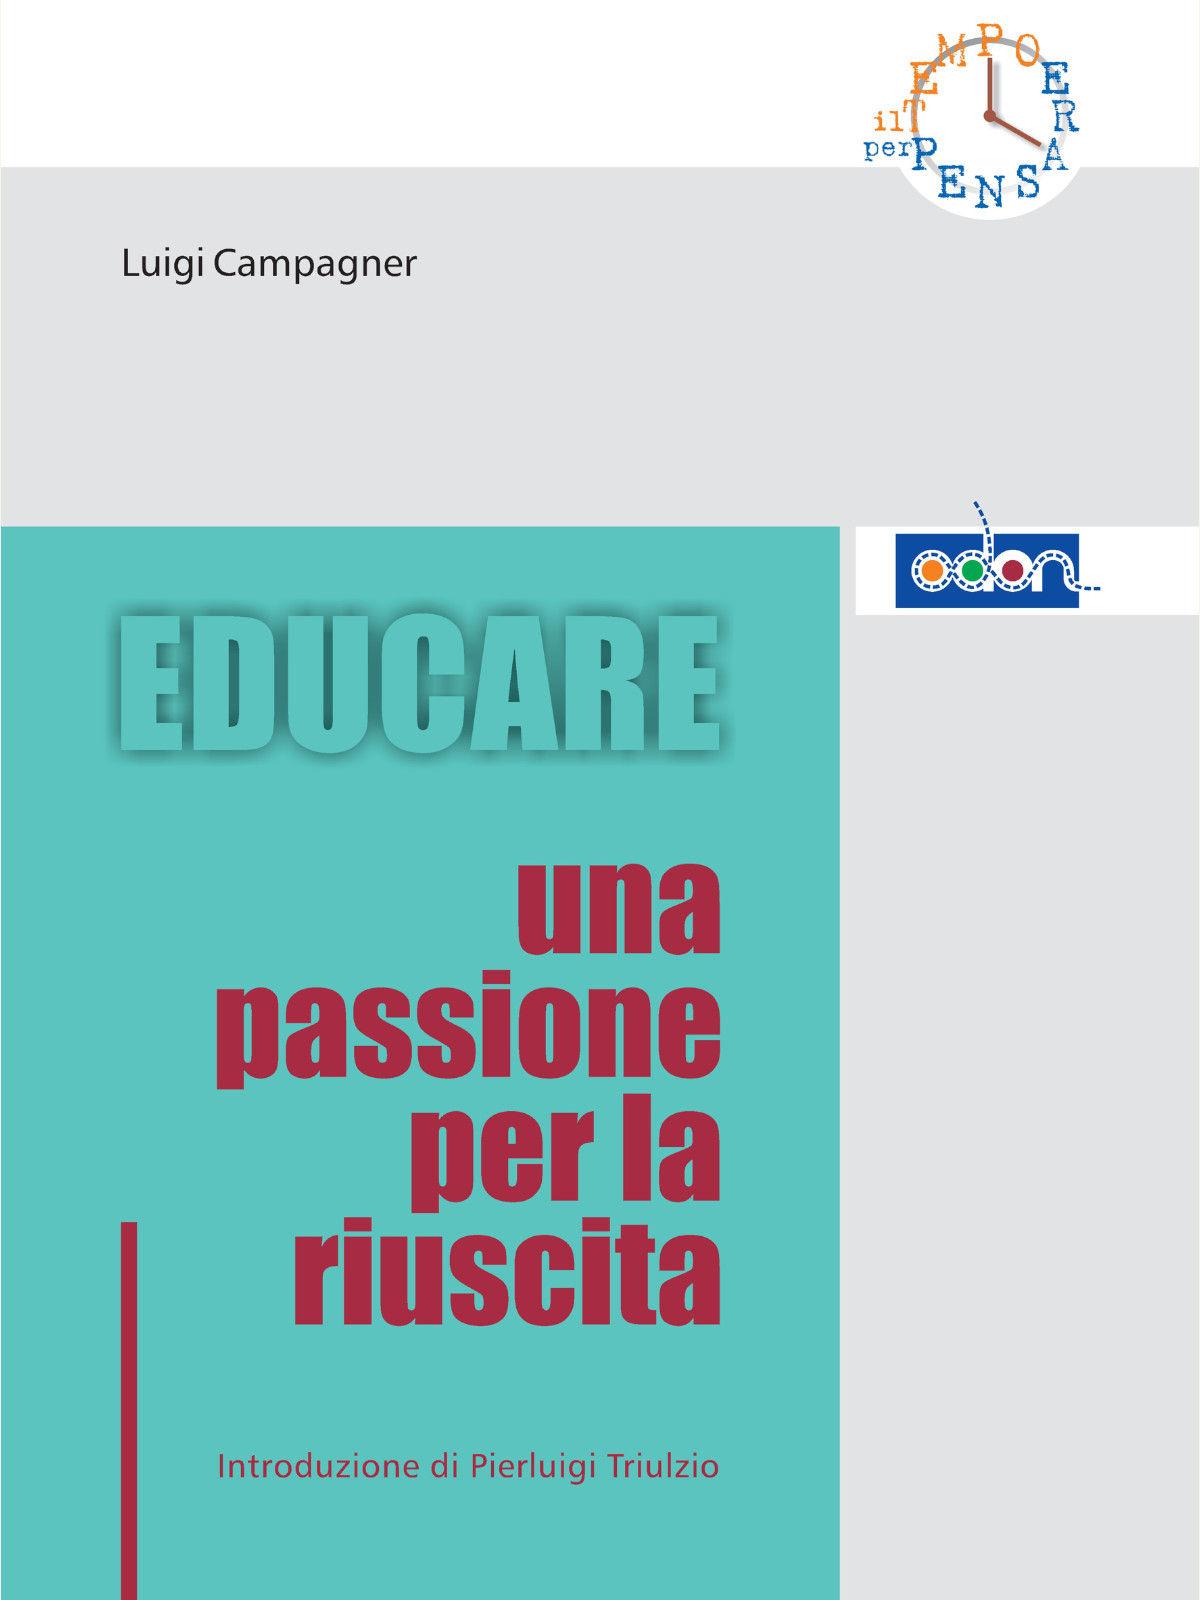 Immagine della copertina del libro Educare, una passione per la riuscita